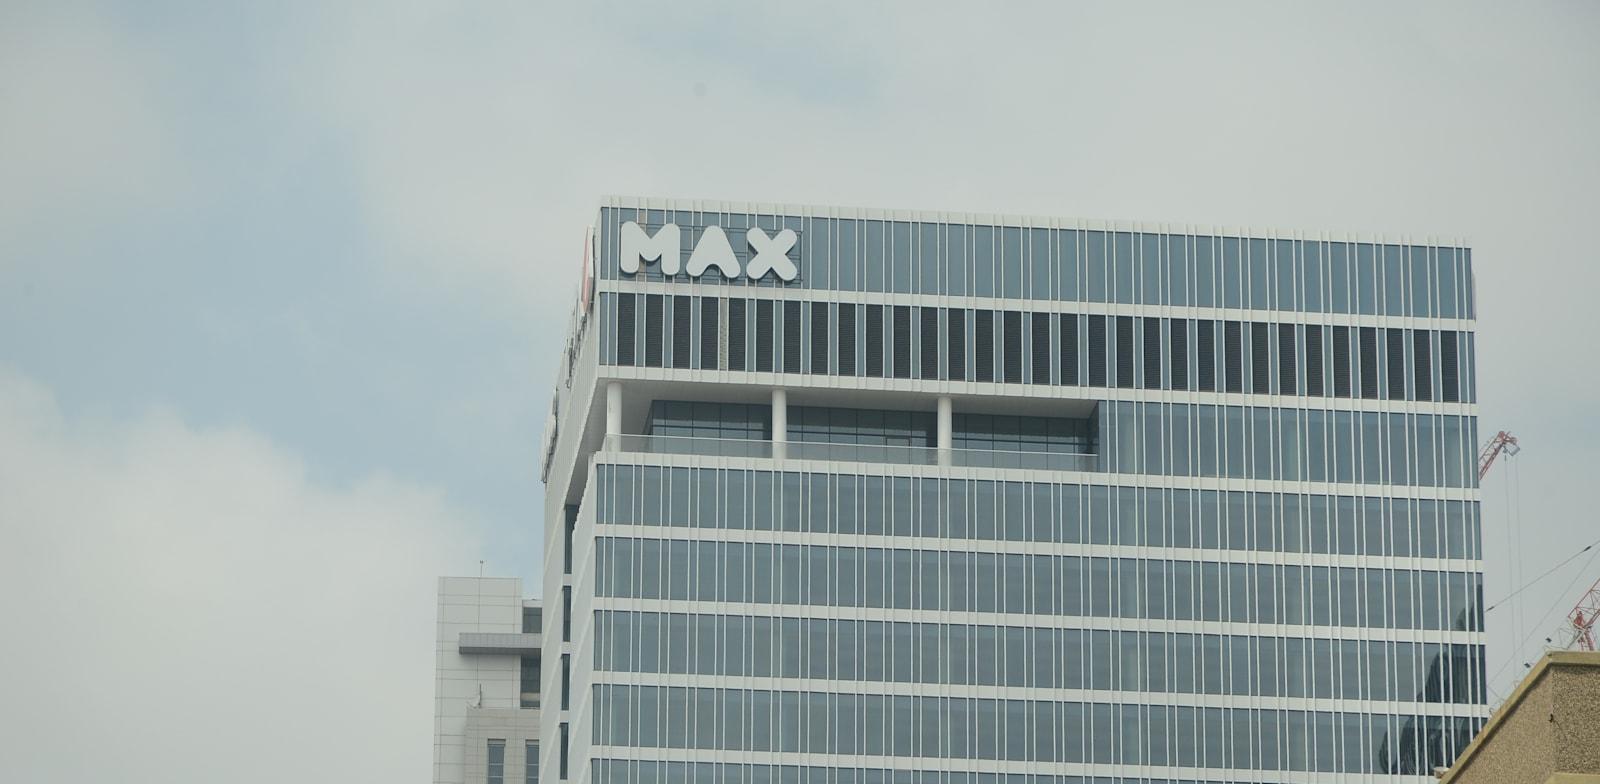 חברת האשראי מקס / צילום: איל יצהר